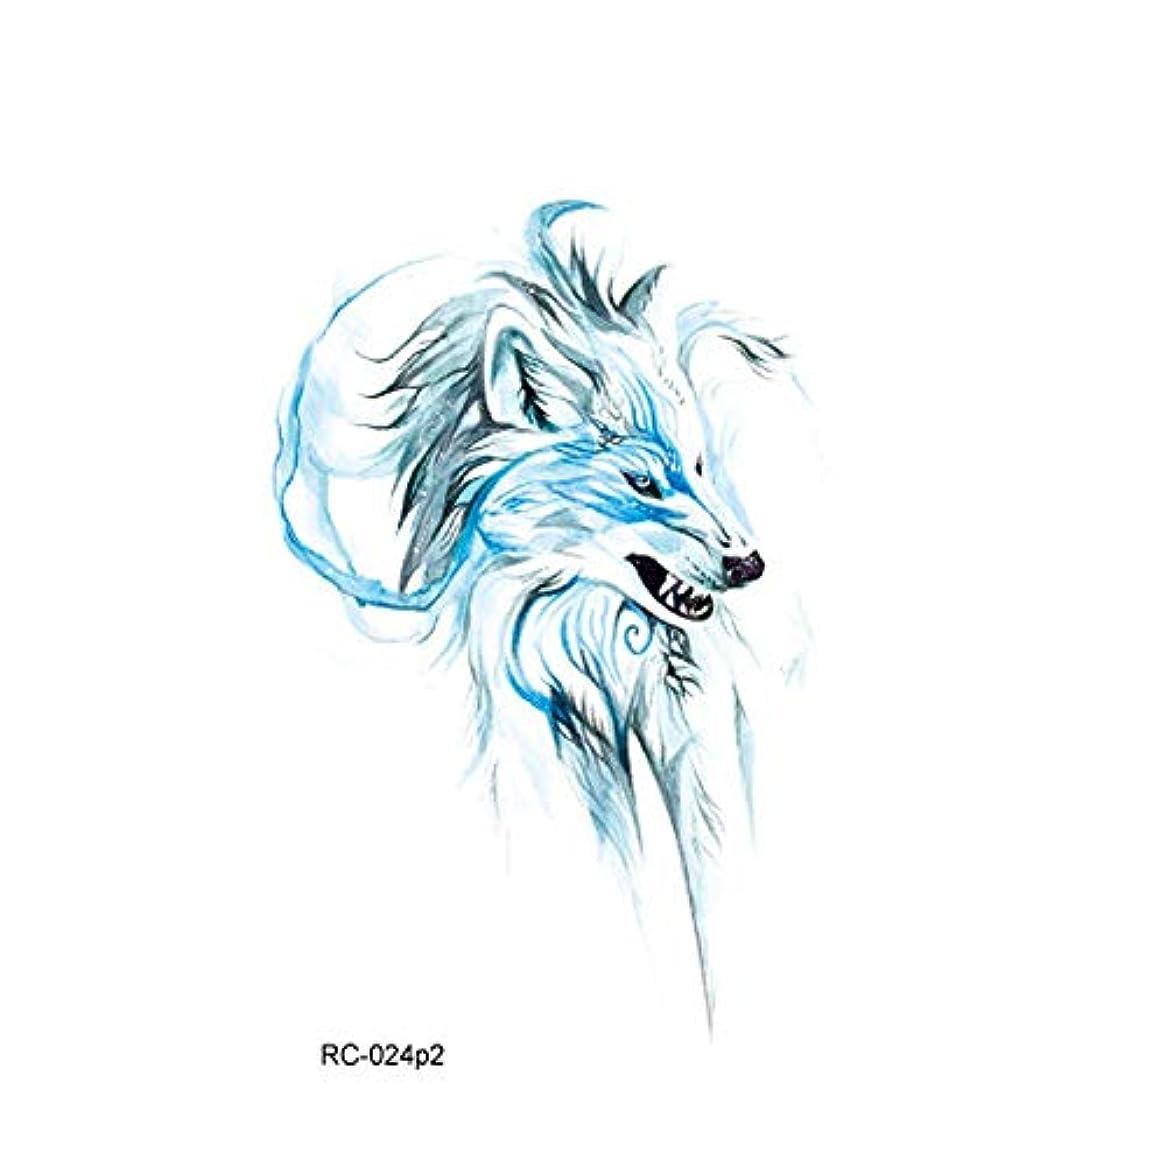 節約する回想ブランデーボコダダ(Vocodada)タトゥーシール 目立つ タトゥー用ステッカー ボディーアート タトゥー用品 刺青シール 長持ち 防水 腕、足、体、胸、肩、背中に簡単貼る 人体 女の子 動物 可愛い 矢印 動物 カラフル 狐...